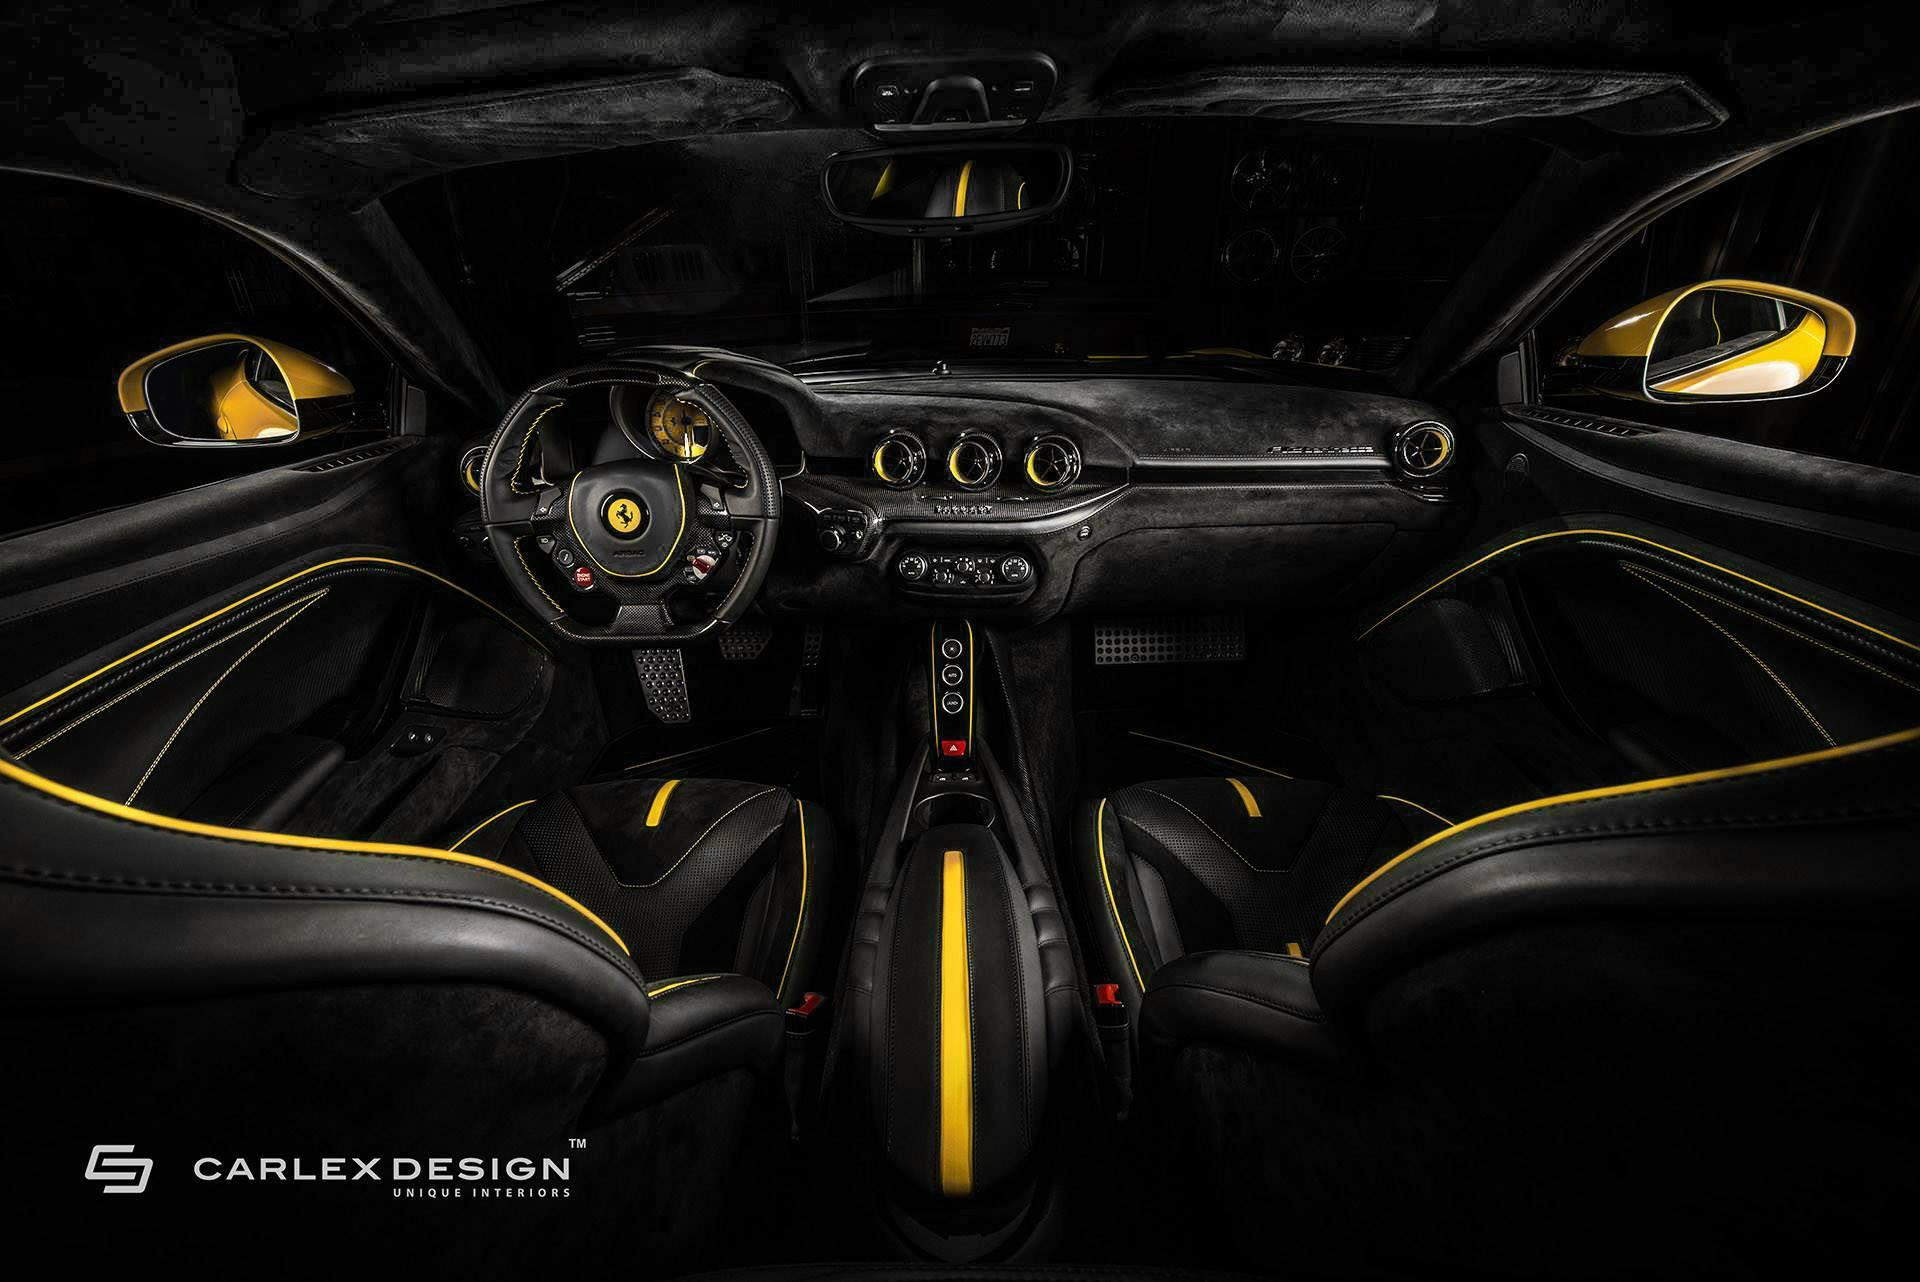 Ferrari F12berlinetta by Carlex Design (7)